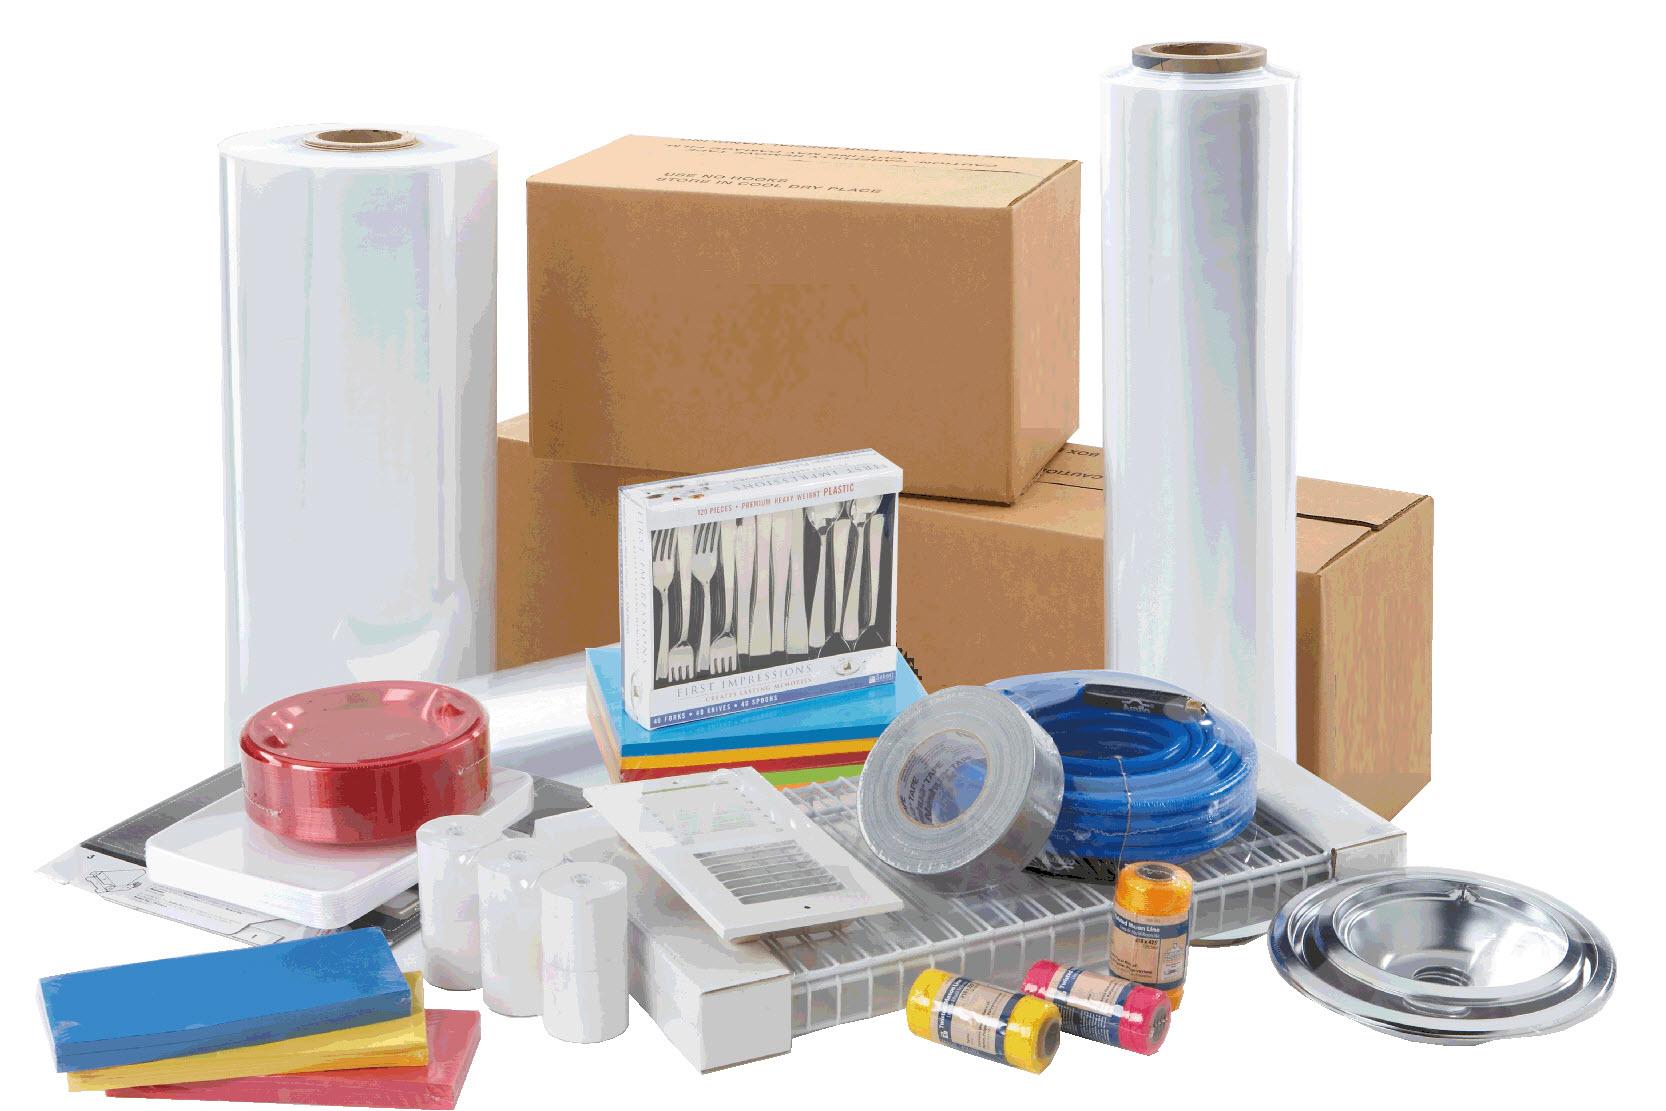 دستگاه شیرینگ کابینی | بازرگانی و فروش پی پک 02155638523 |